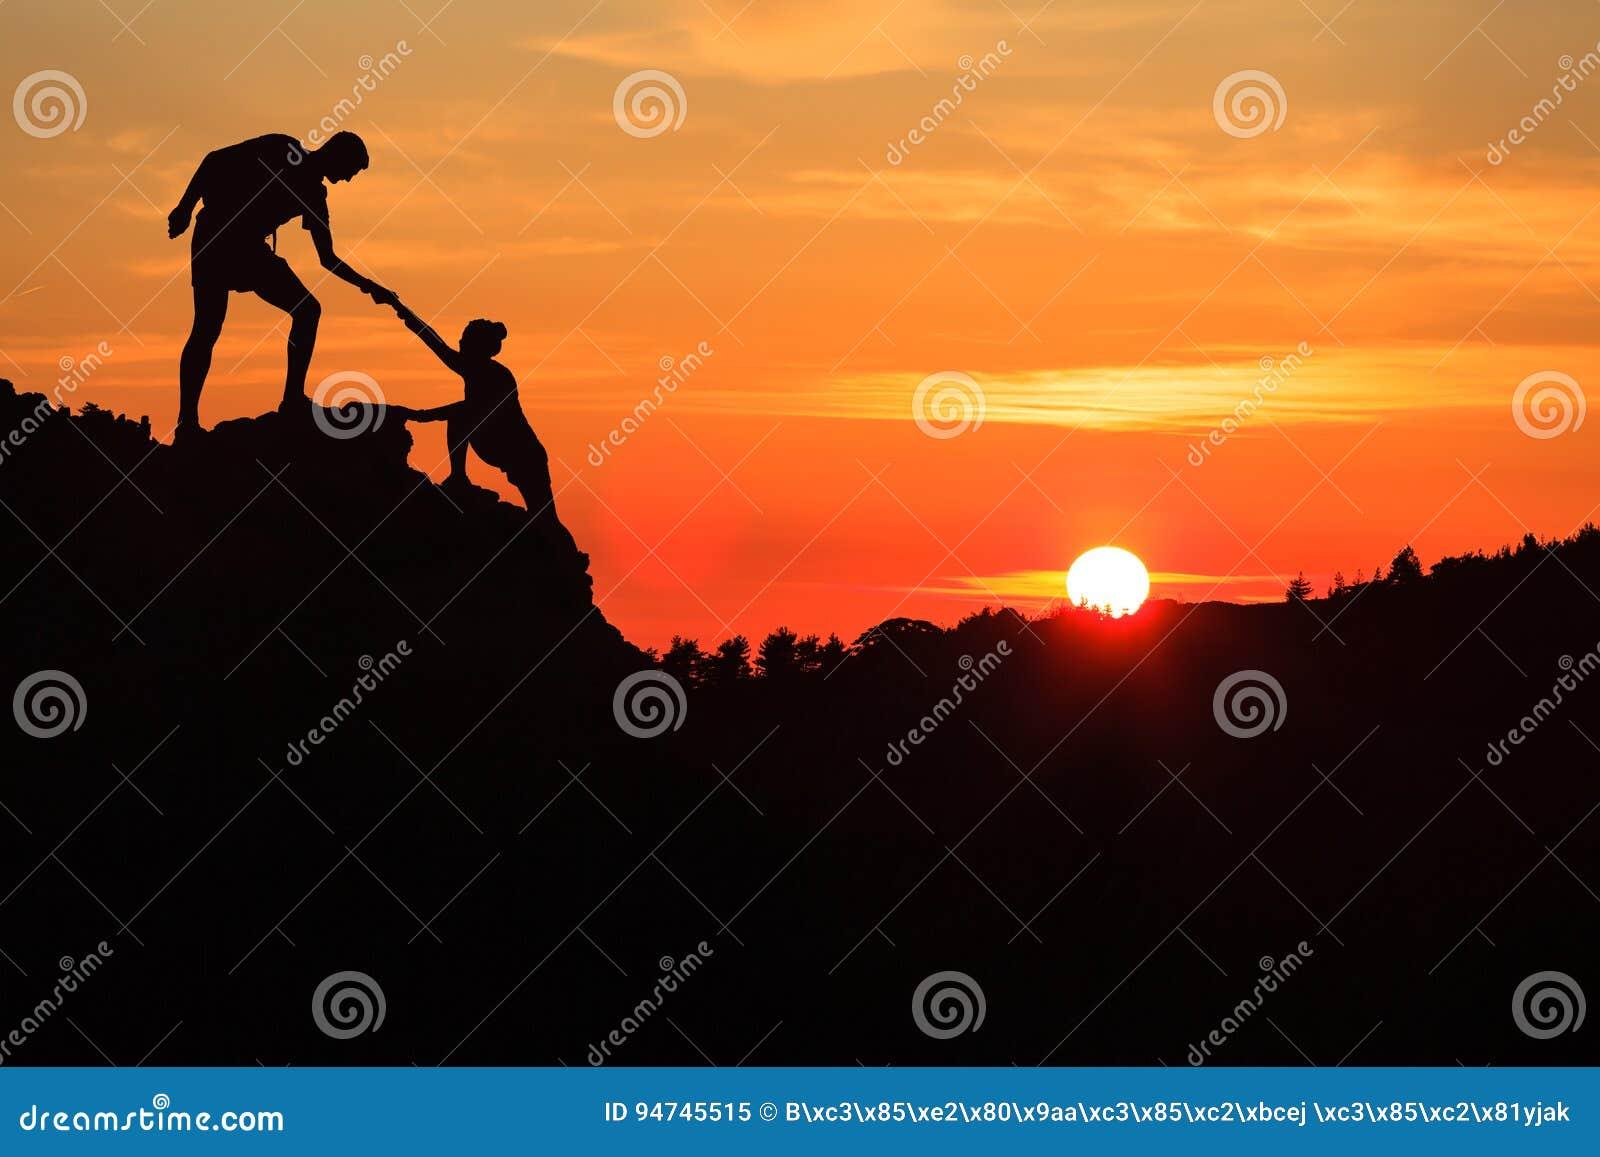 Confianza de la mano amiga de los pares del trabajo en equipo en montañas inspiradoras